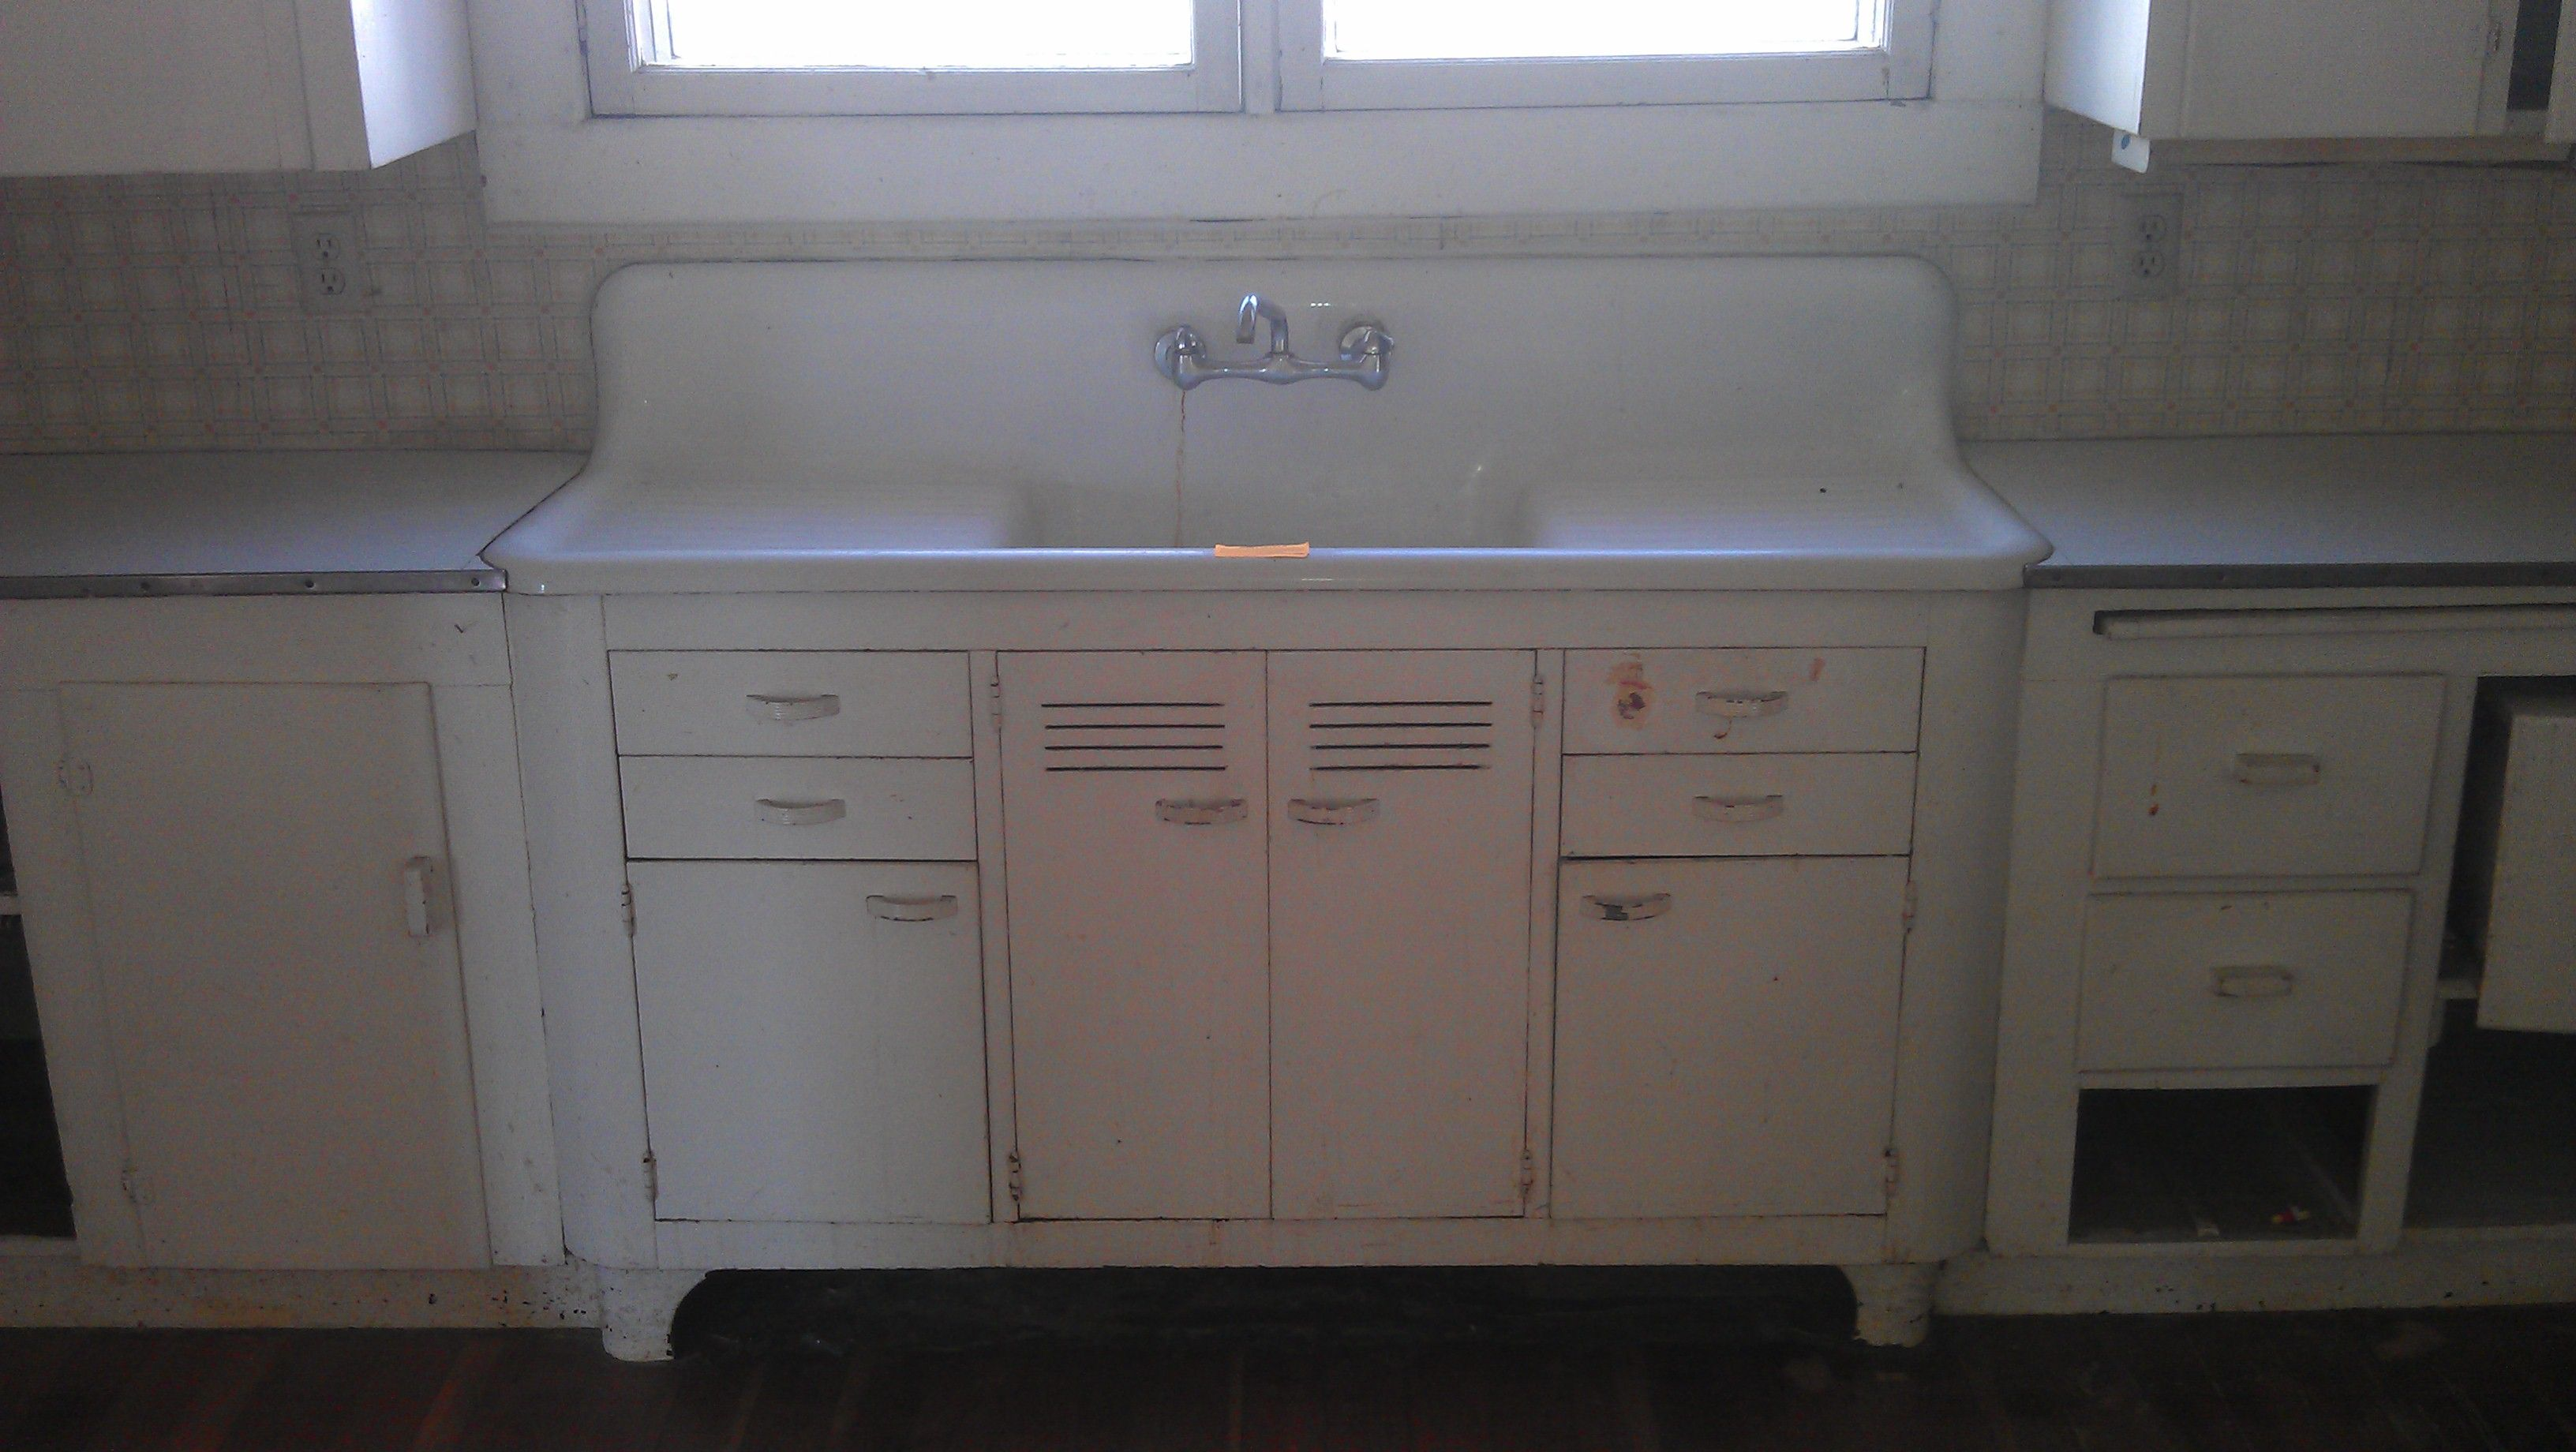 single bowl kitchen sink mounted double drain board farm sink Vintage Single Basin Double Drainboard Kitchen Sink